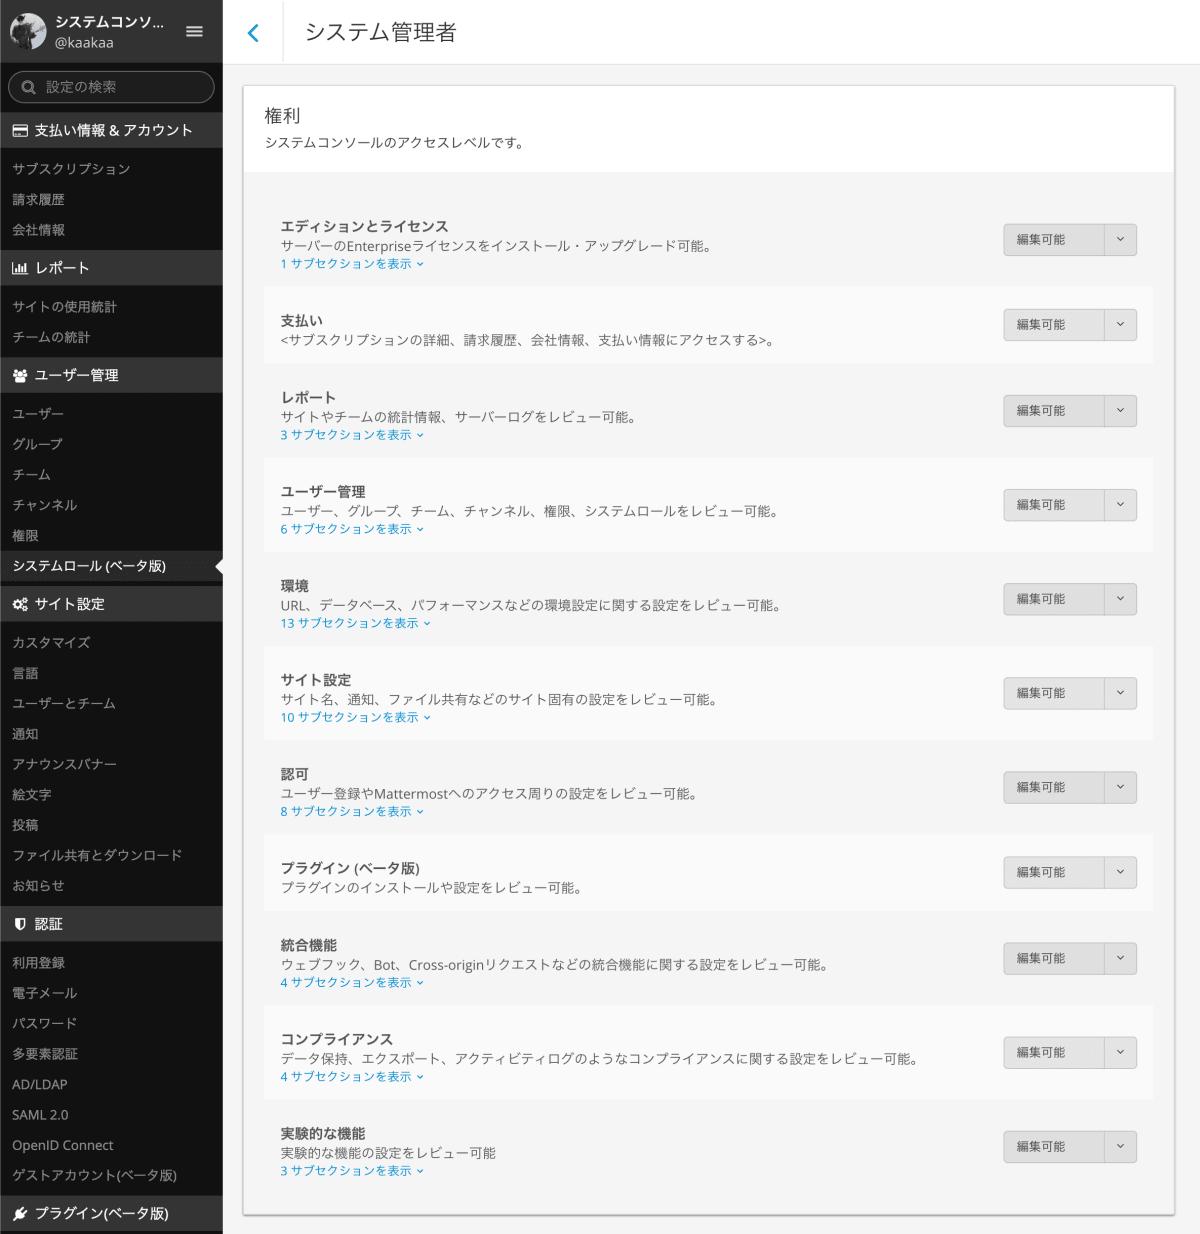 granular_access